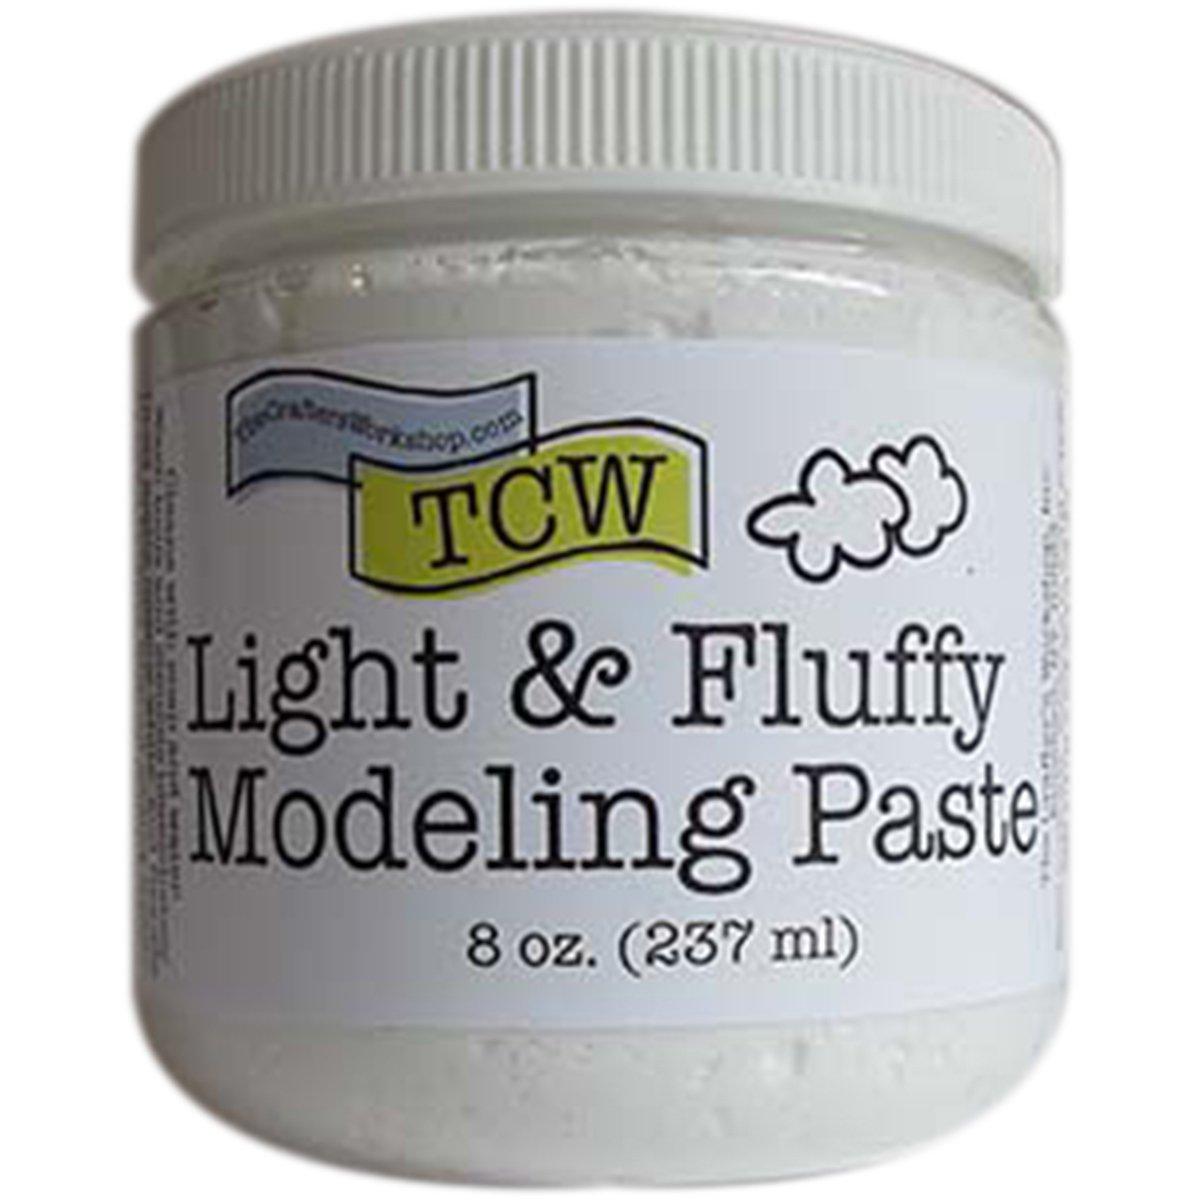 Crafter's Workshop, The Modeling Paste 8oz Light/Flu, None